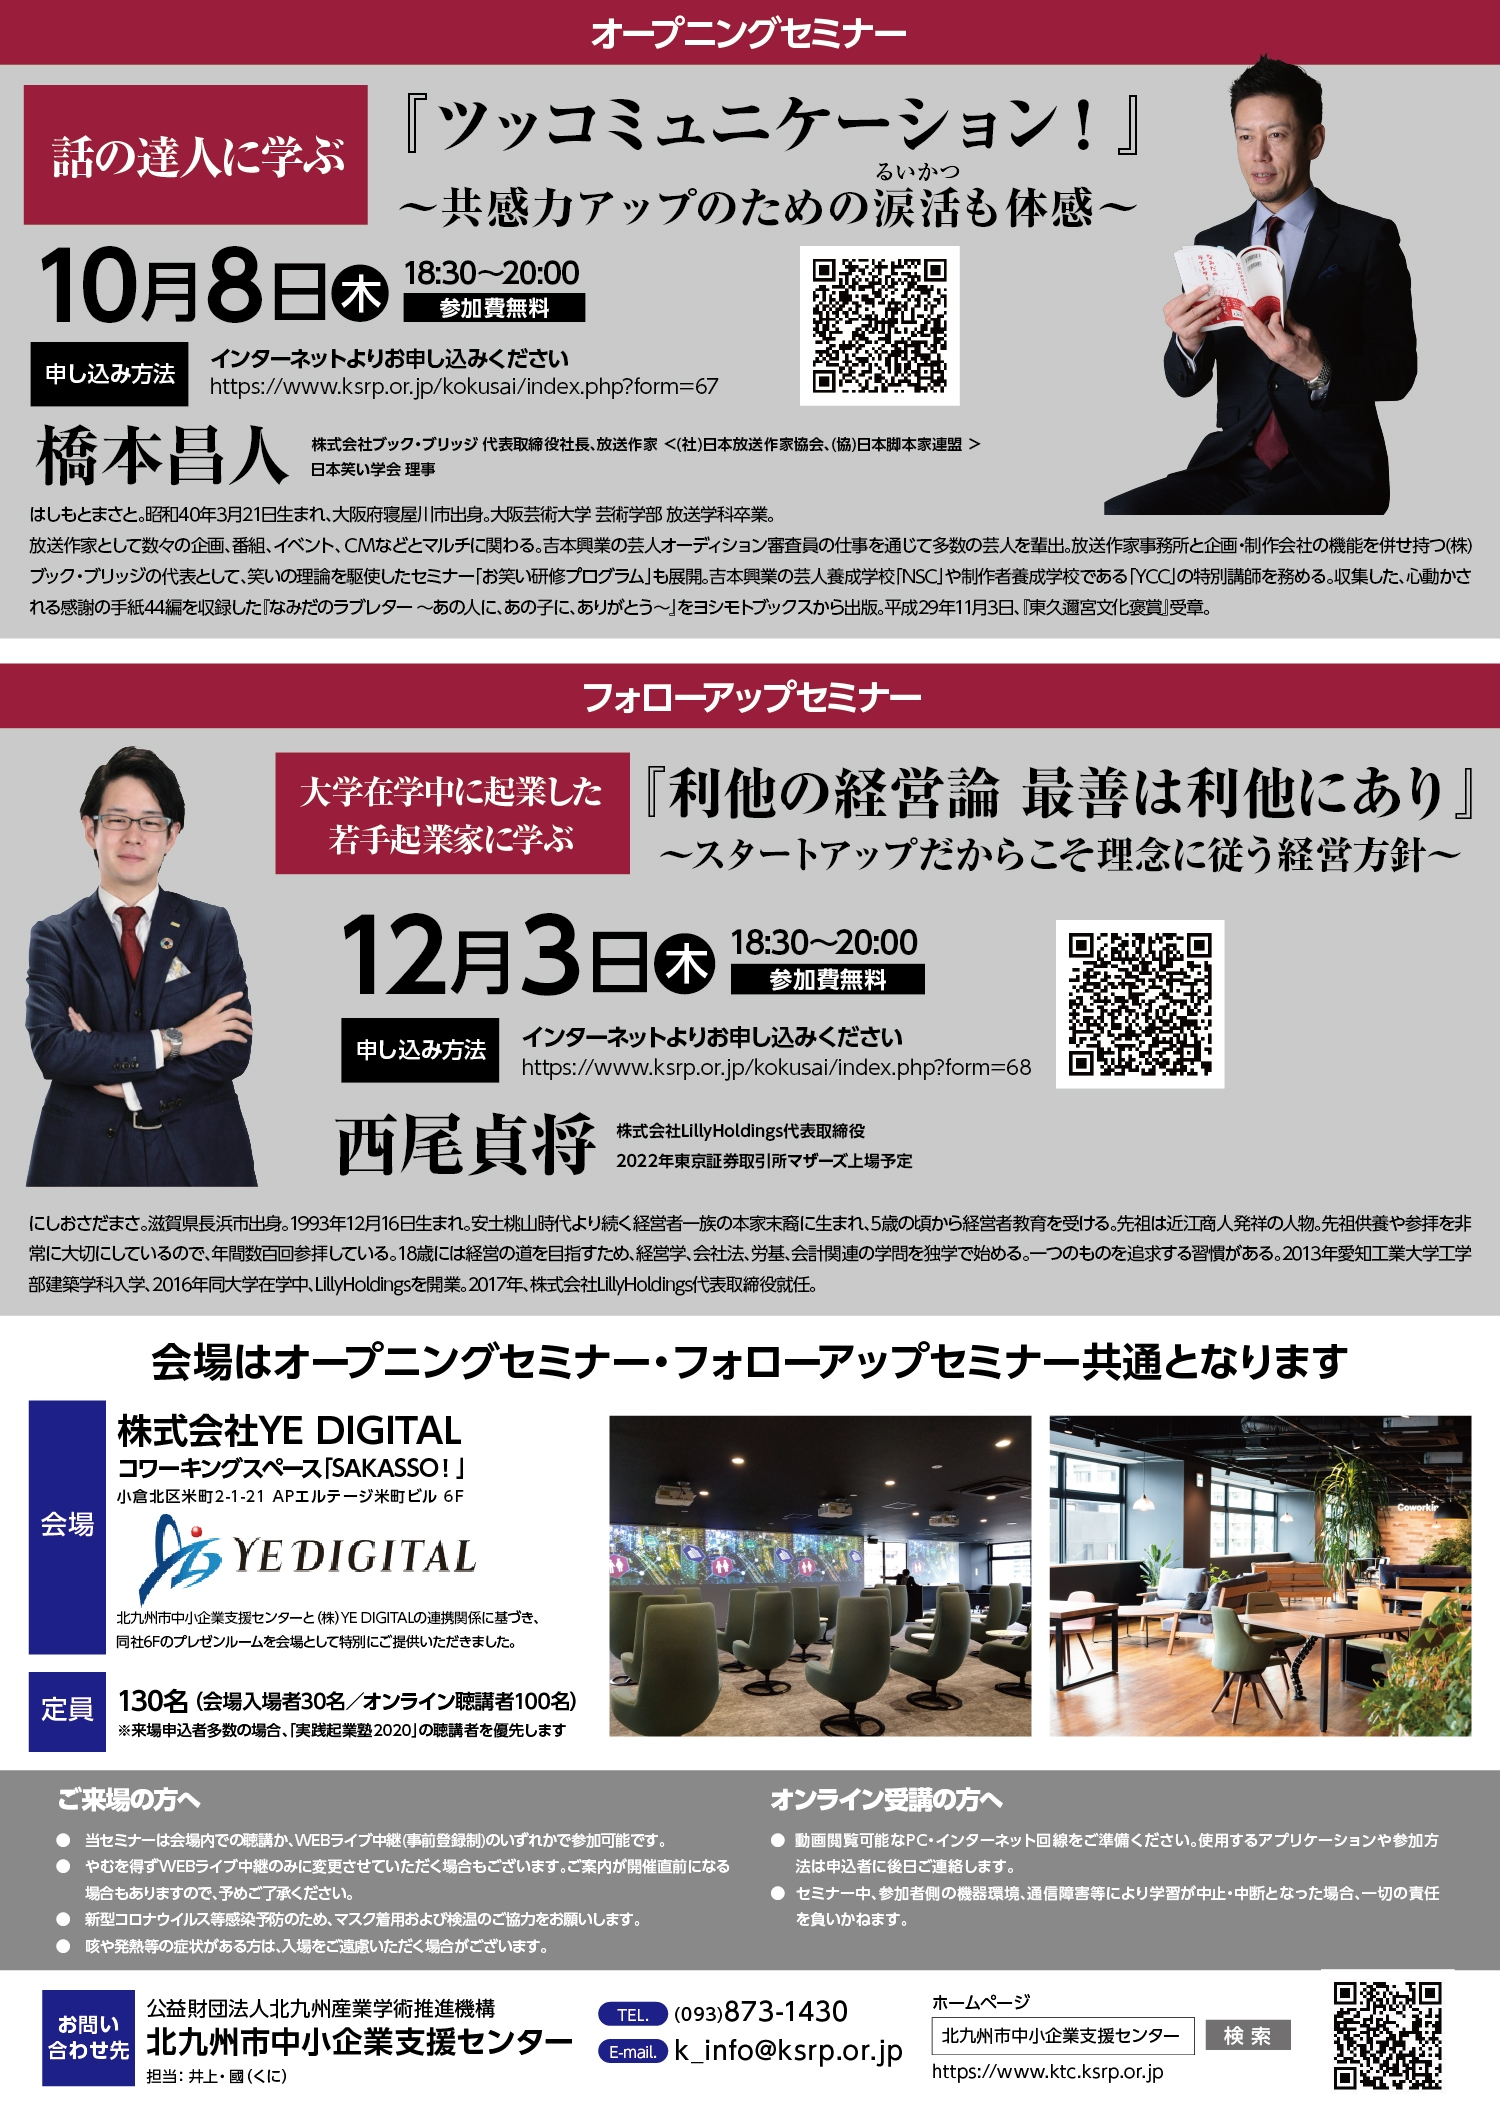 http://www.ksrp.or.jp/fais/news/r2openingu_followup_chirashi.jpg